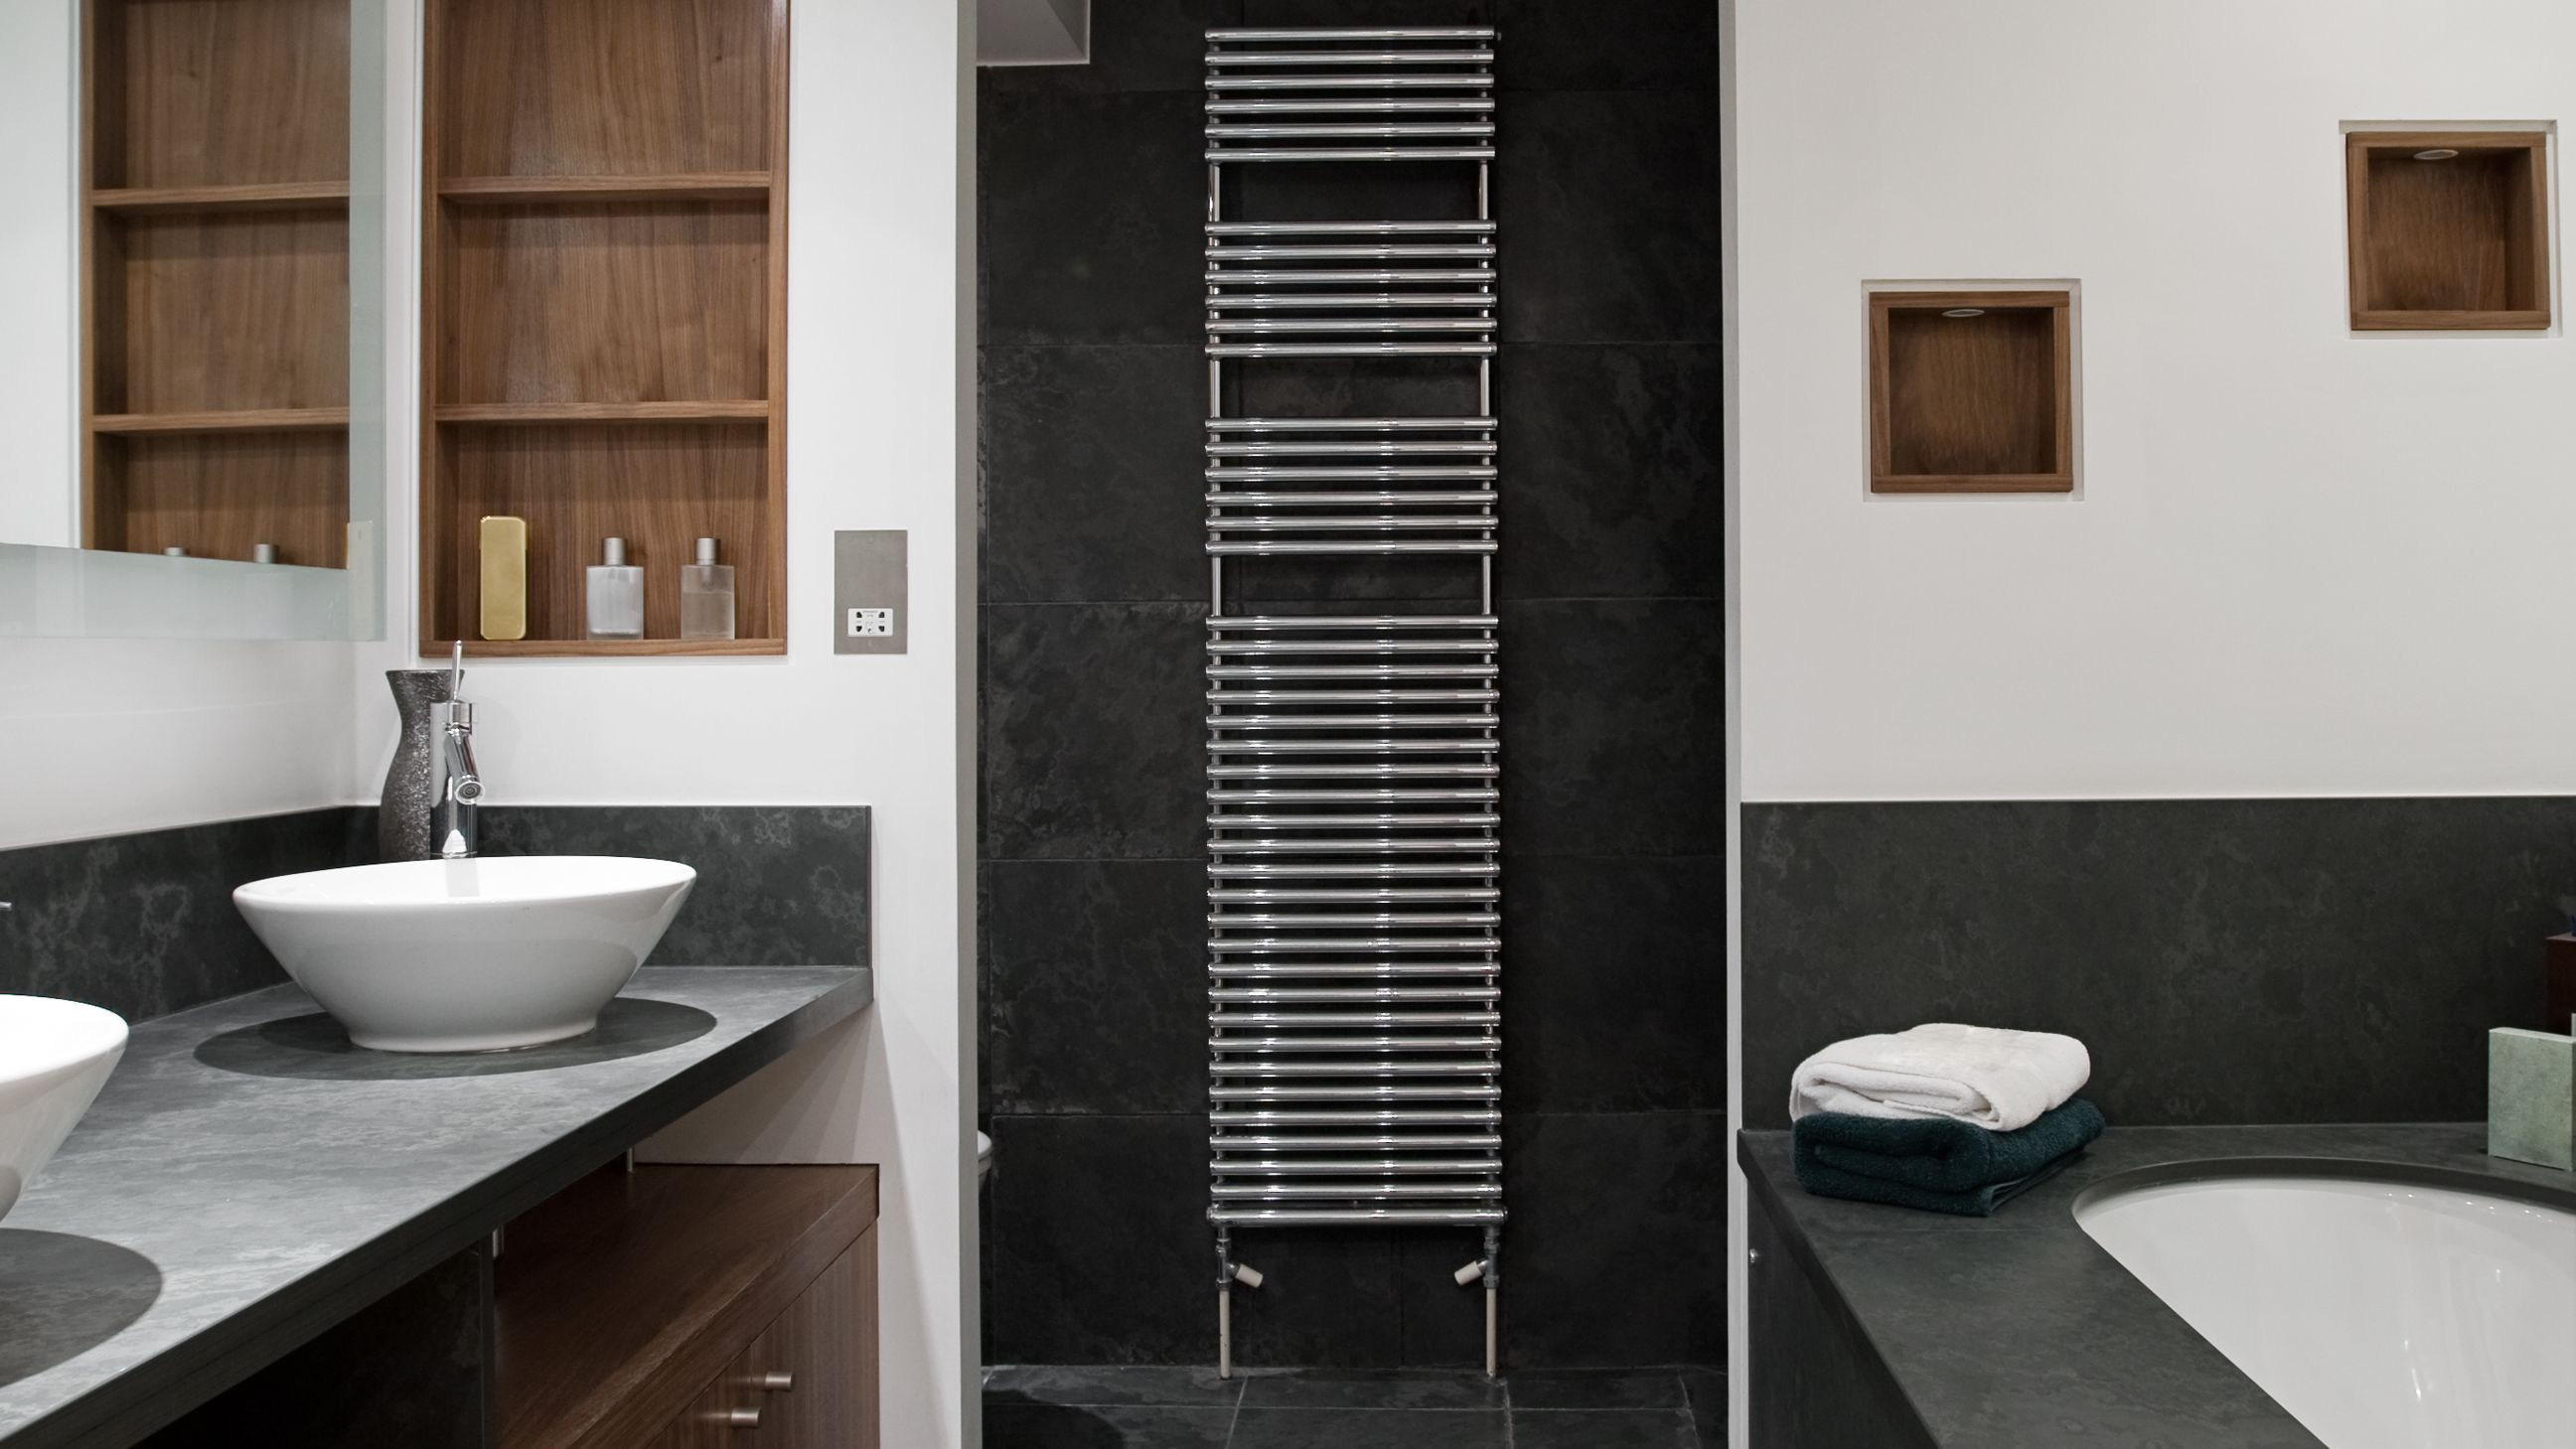 Comment choisir un chauffage de salle de bains